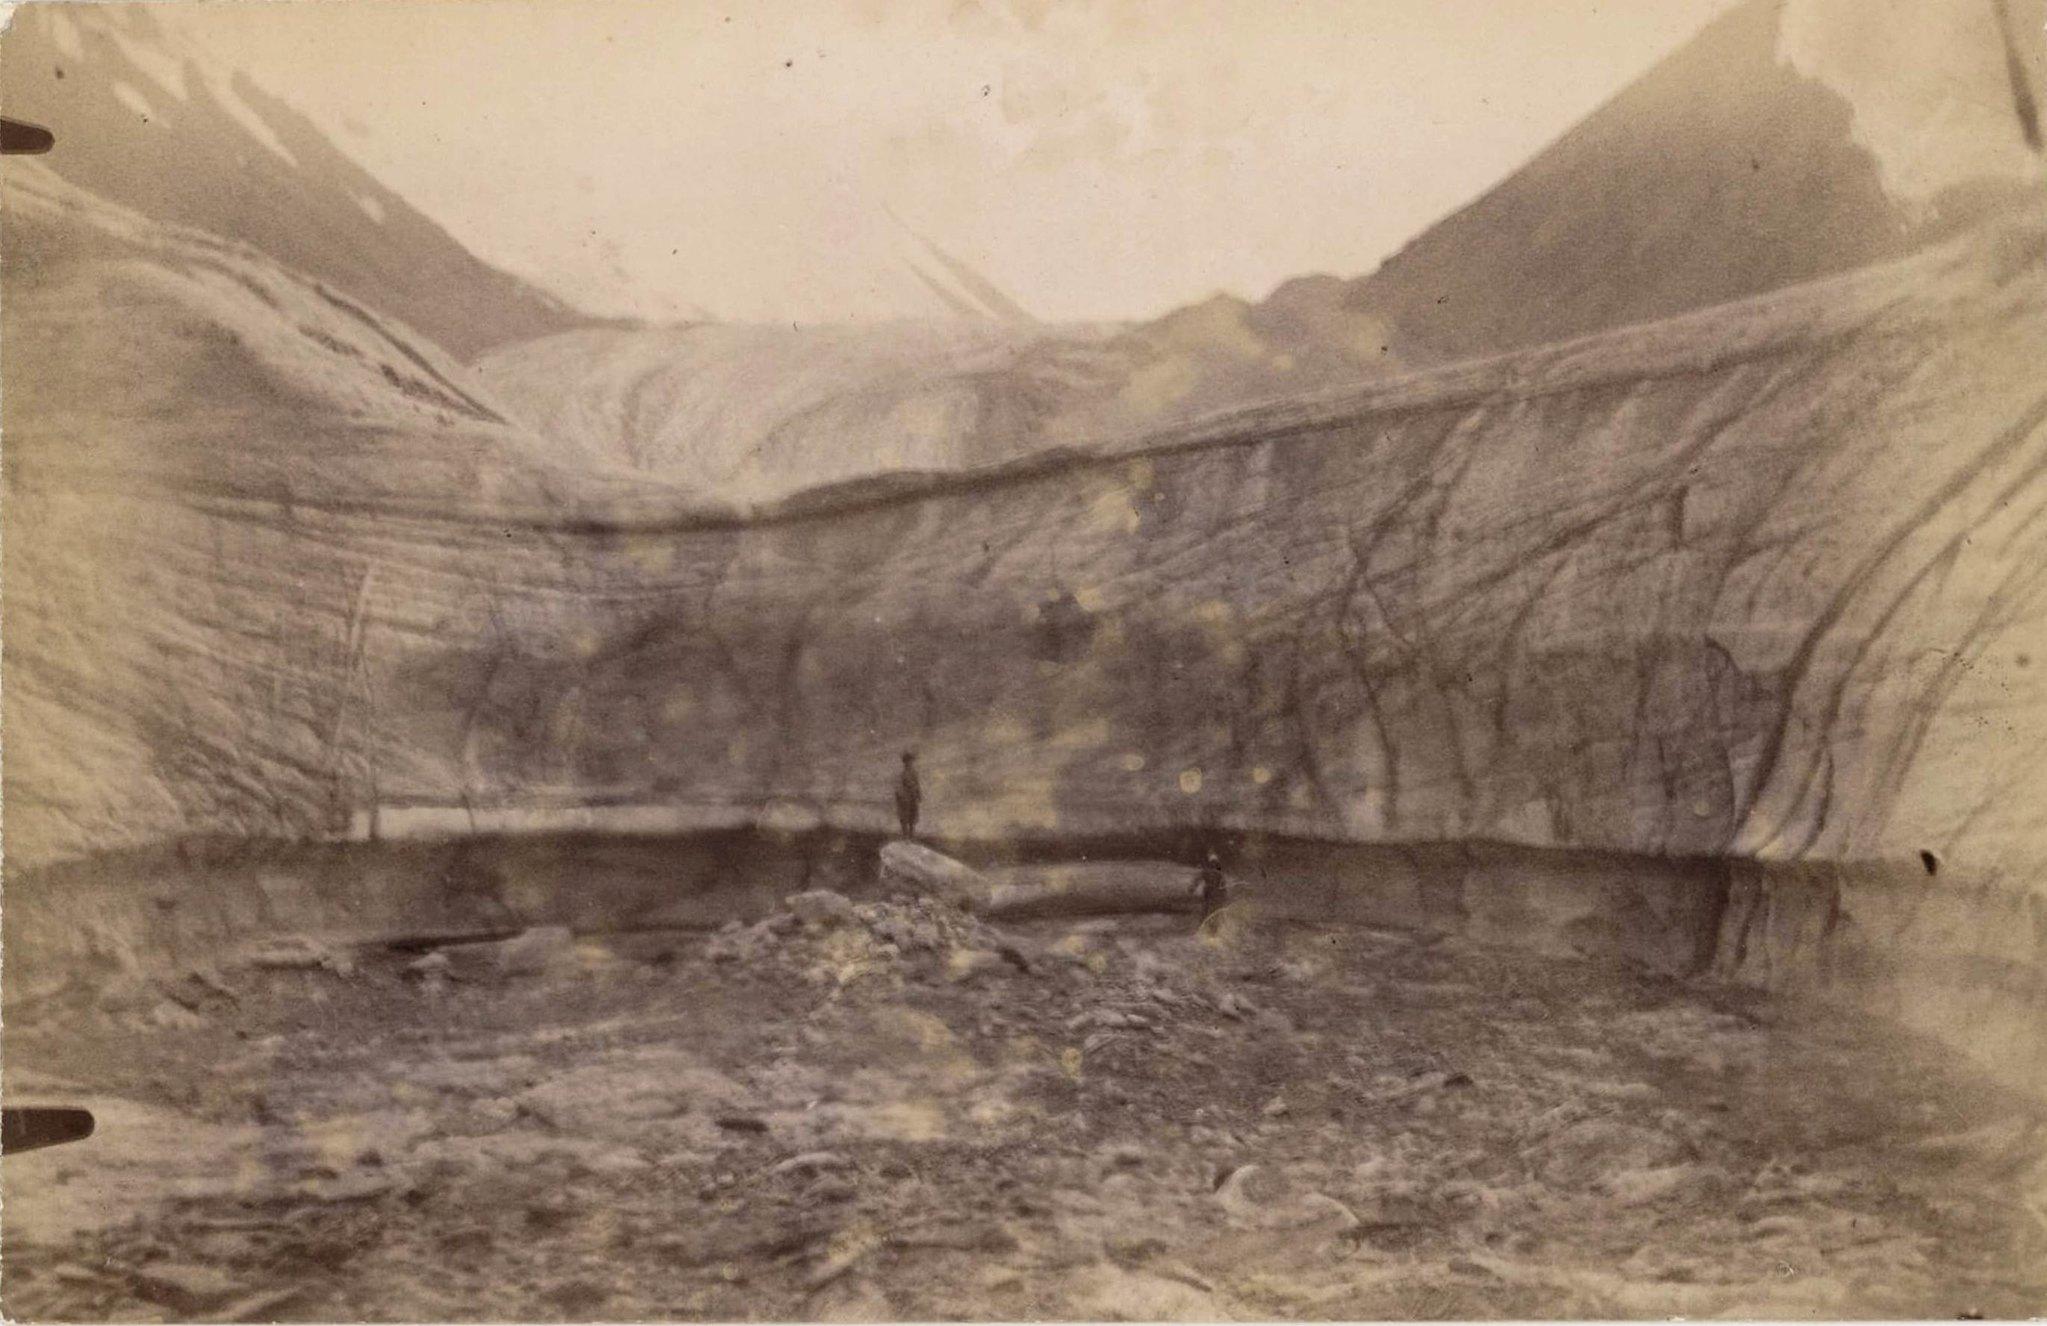 09. Ледники гор Хан-Тенгри. Ледник Мушкетова